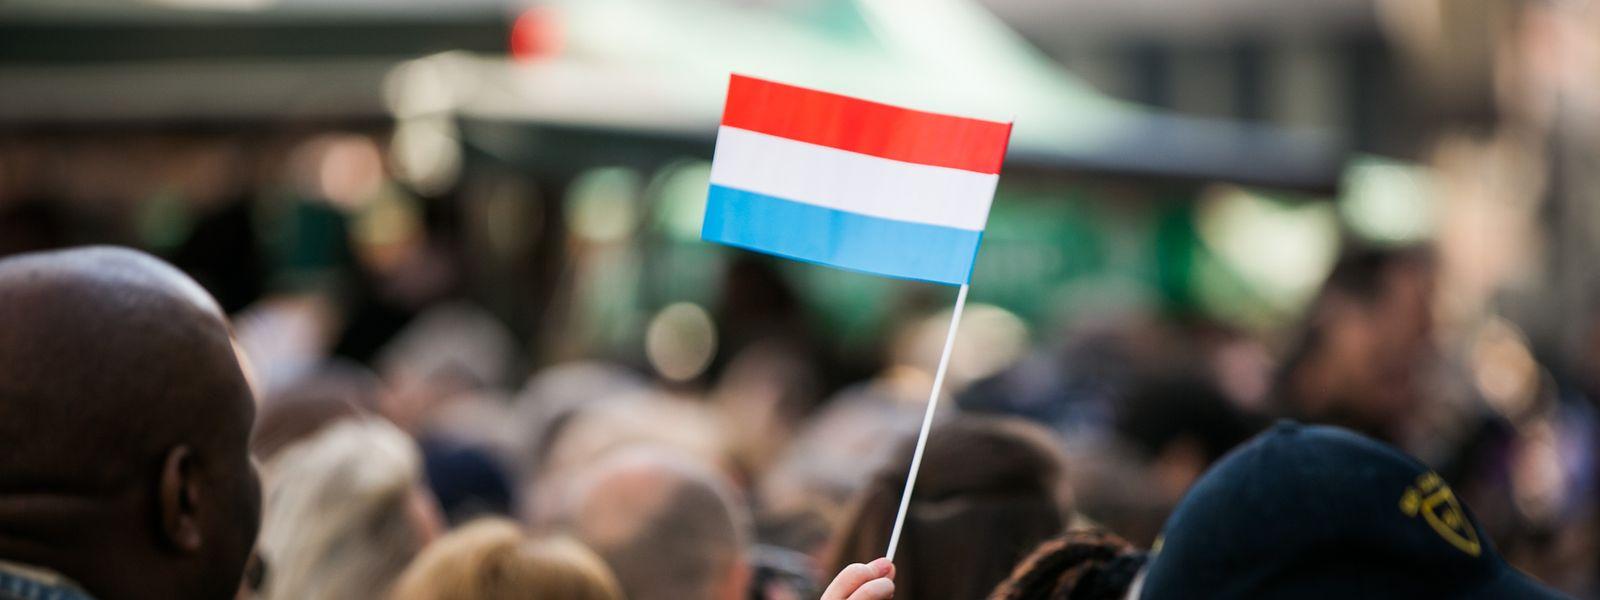 Große Feierlichkeiten zum Nationalfeiertag finden dieses Jahr nicht statt.